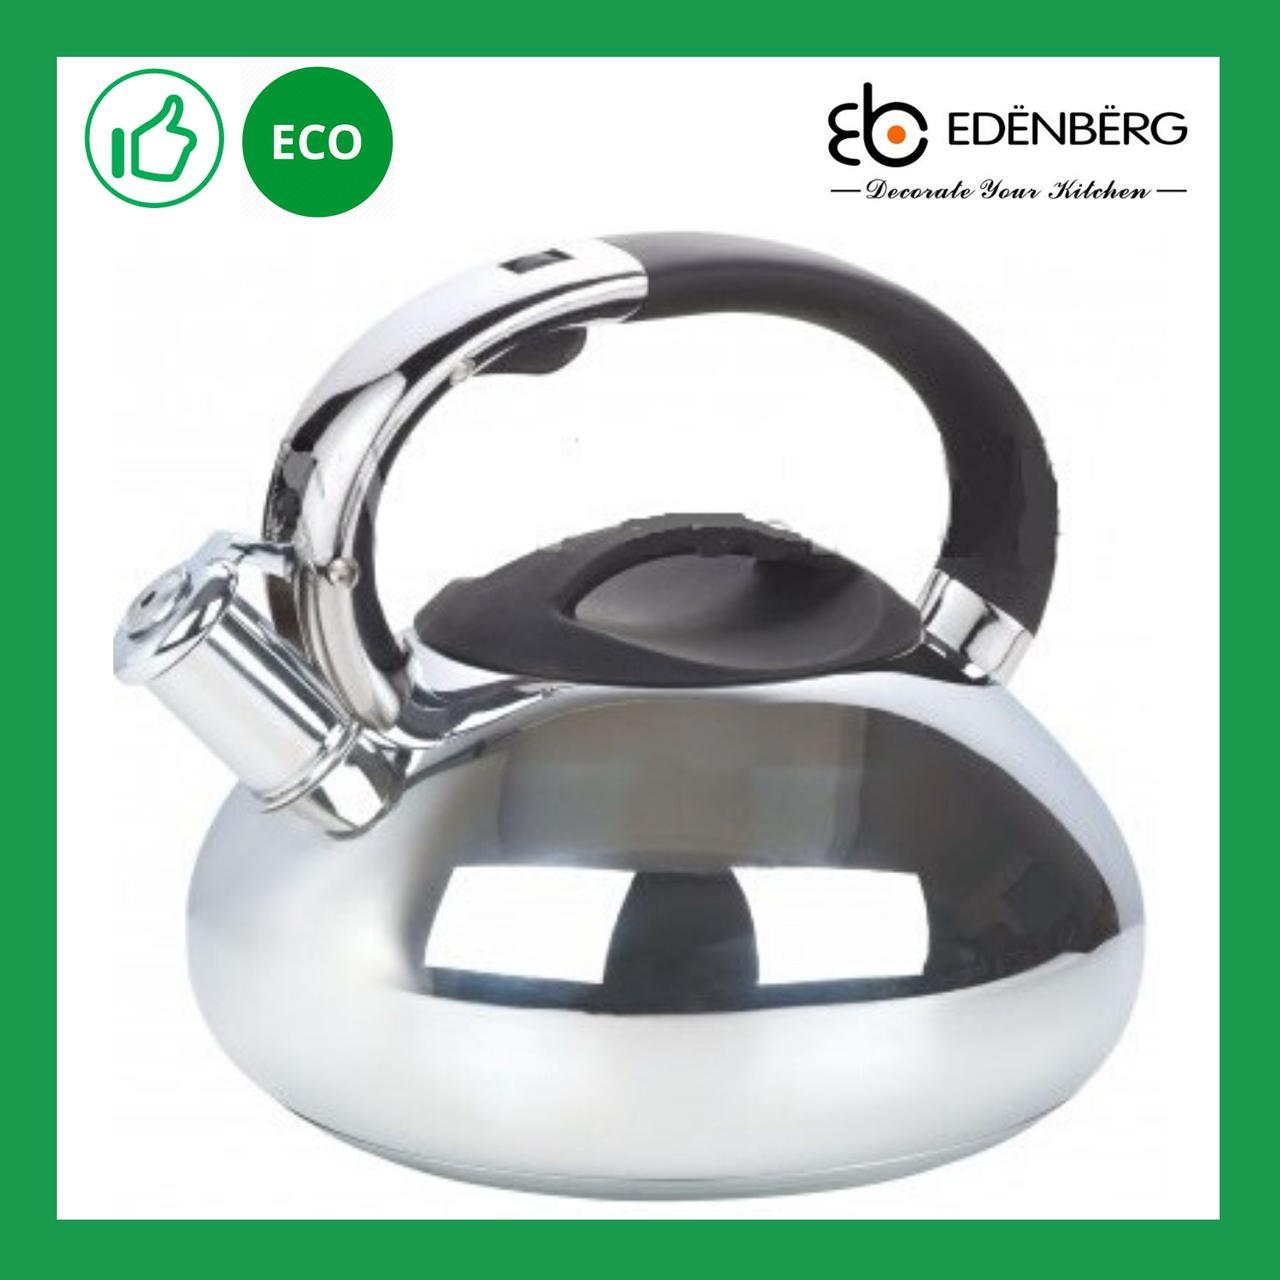 Чайник Edenberg з нержавіючої сталі зі свистком 3.0 л (EB-1323B)